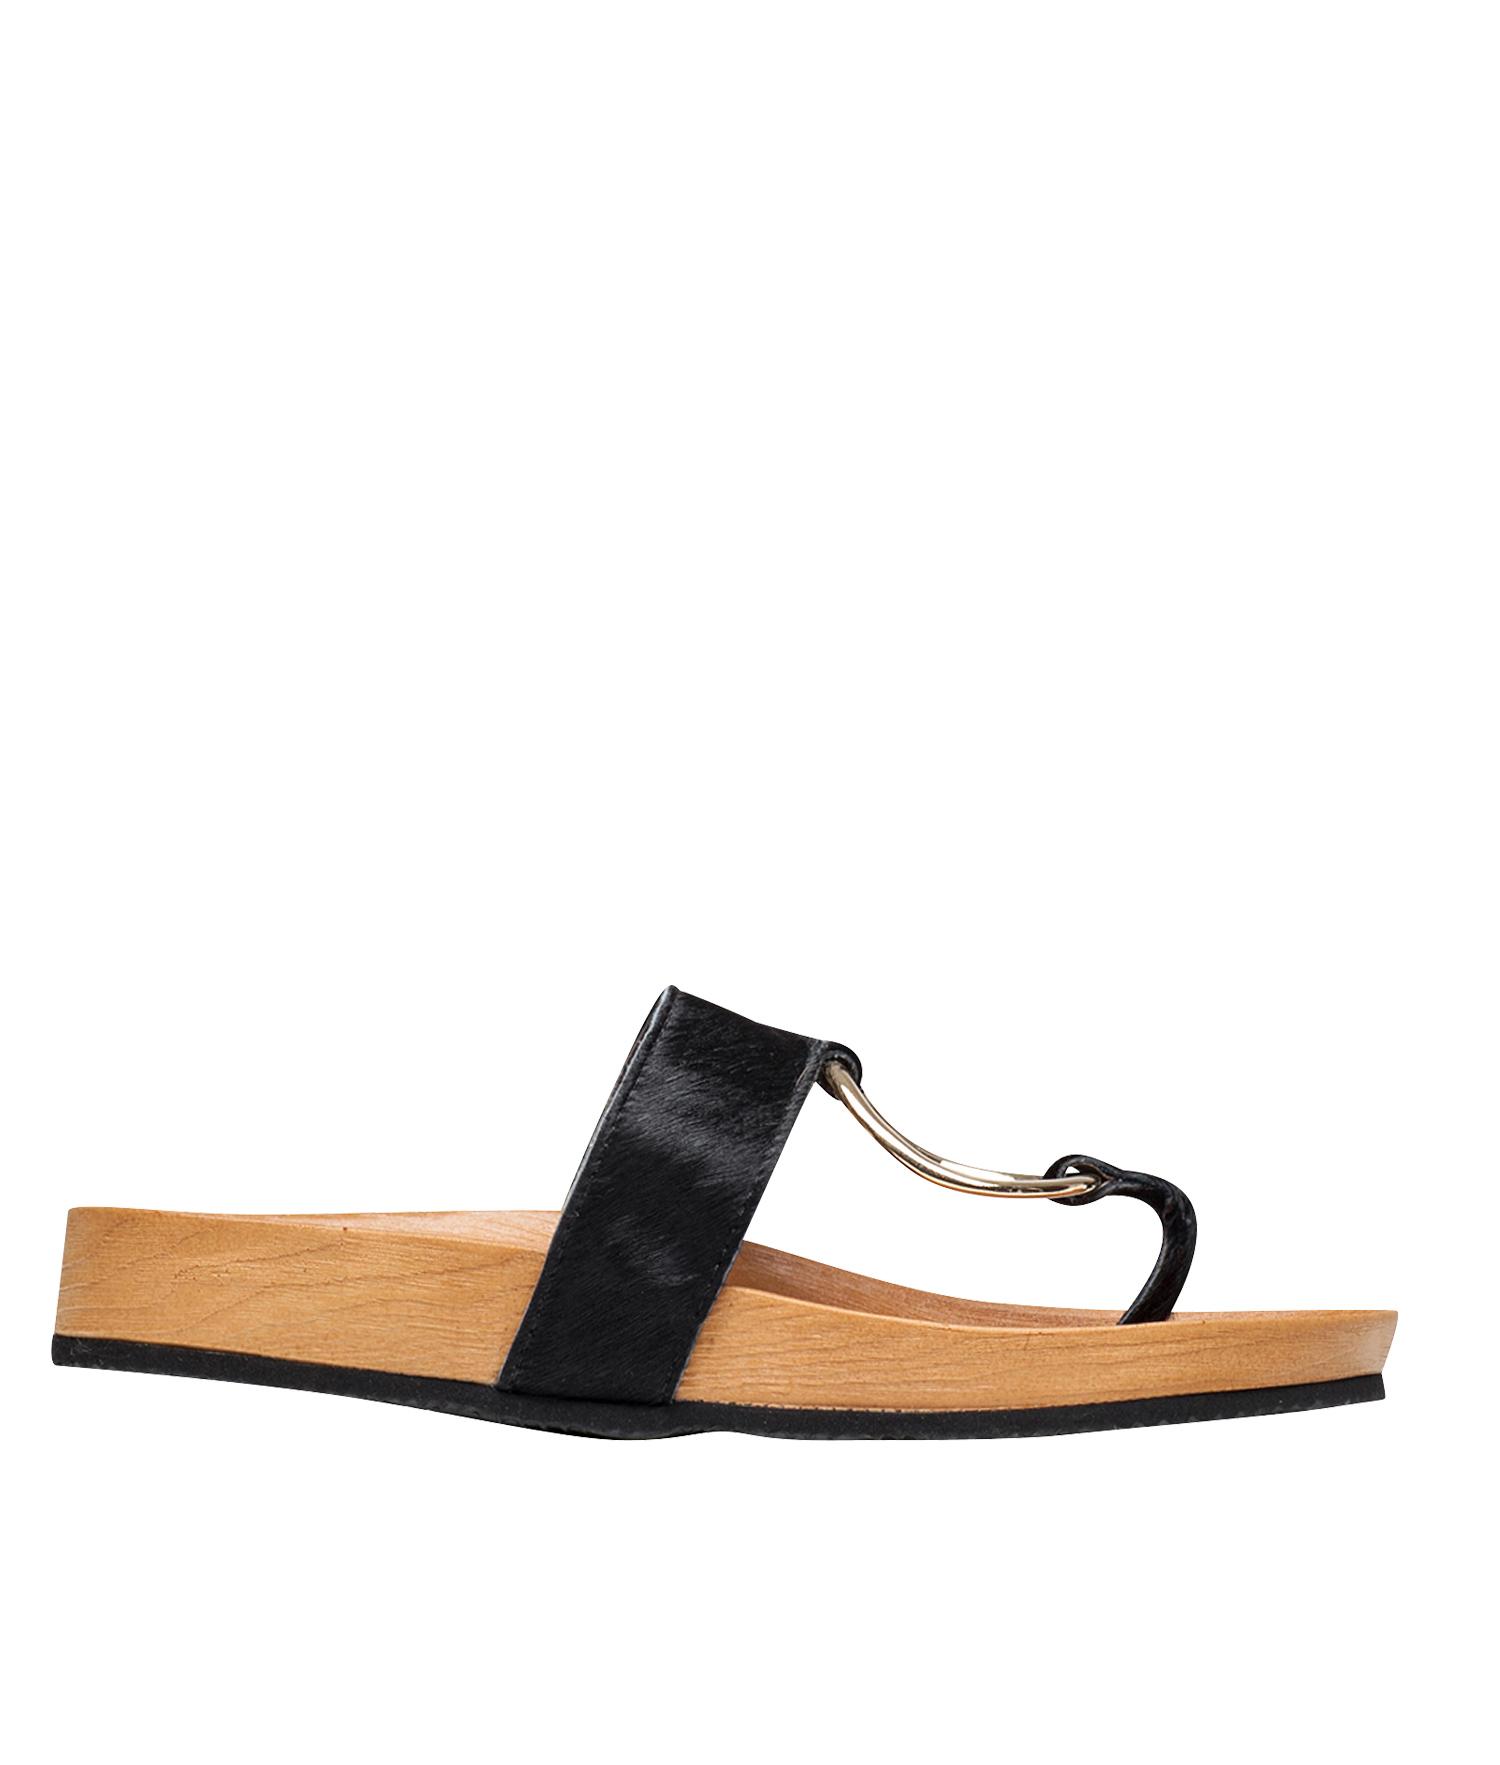 68eb1b4e9 AnnaKastle Womens Calf Hair Ring Thong Sandal Slide Flip Flops Black